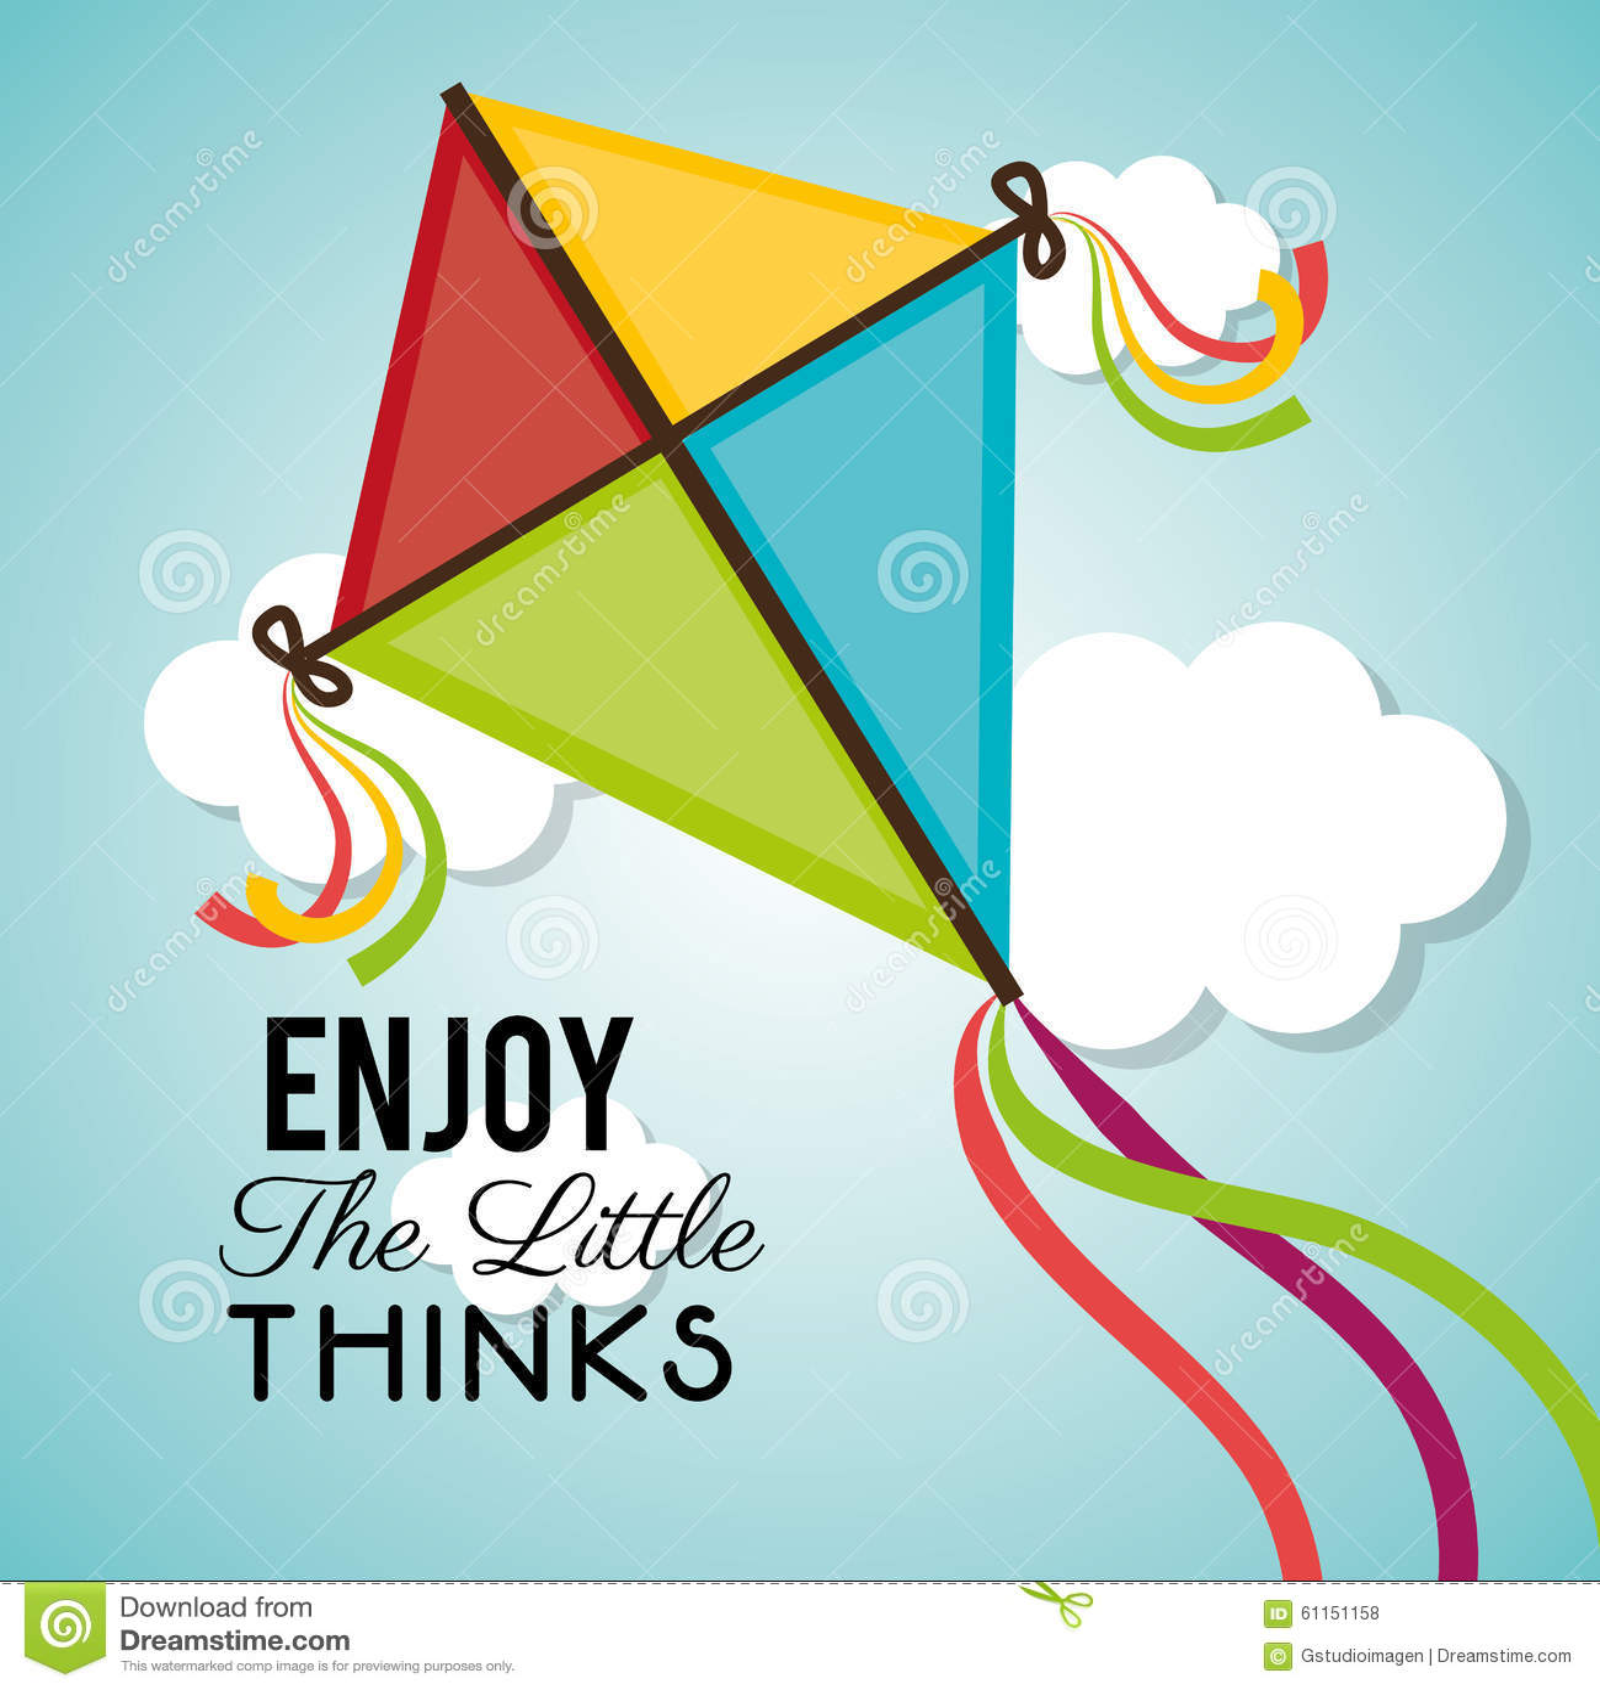 flying kite illustration - photo #16